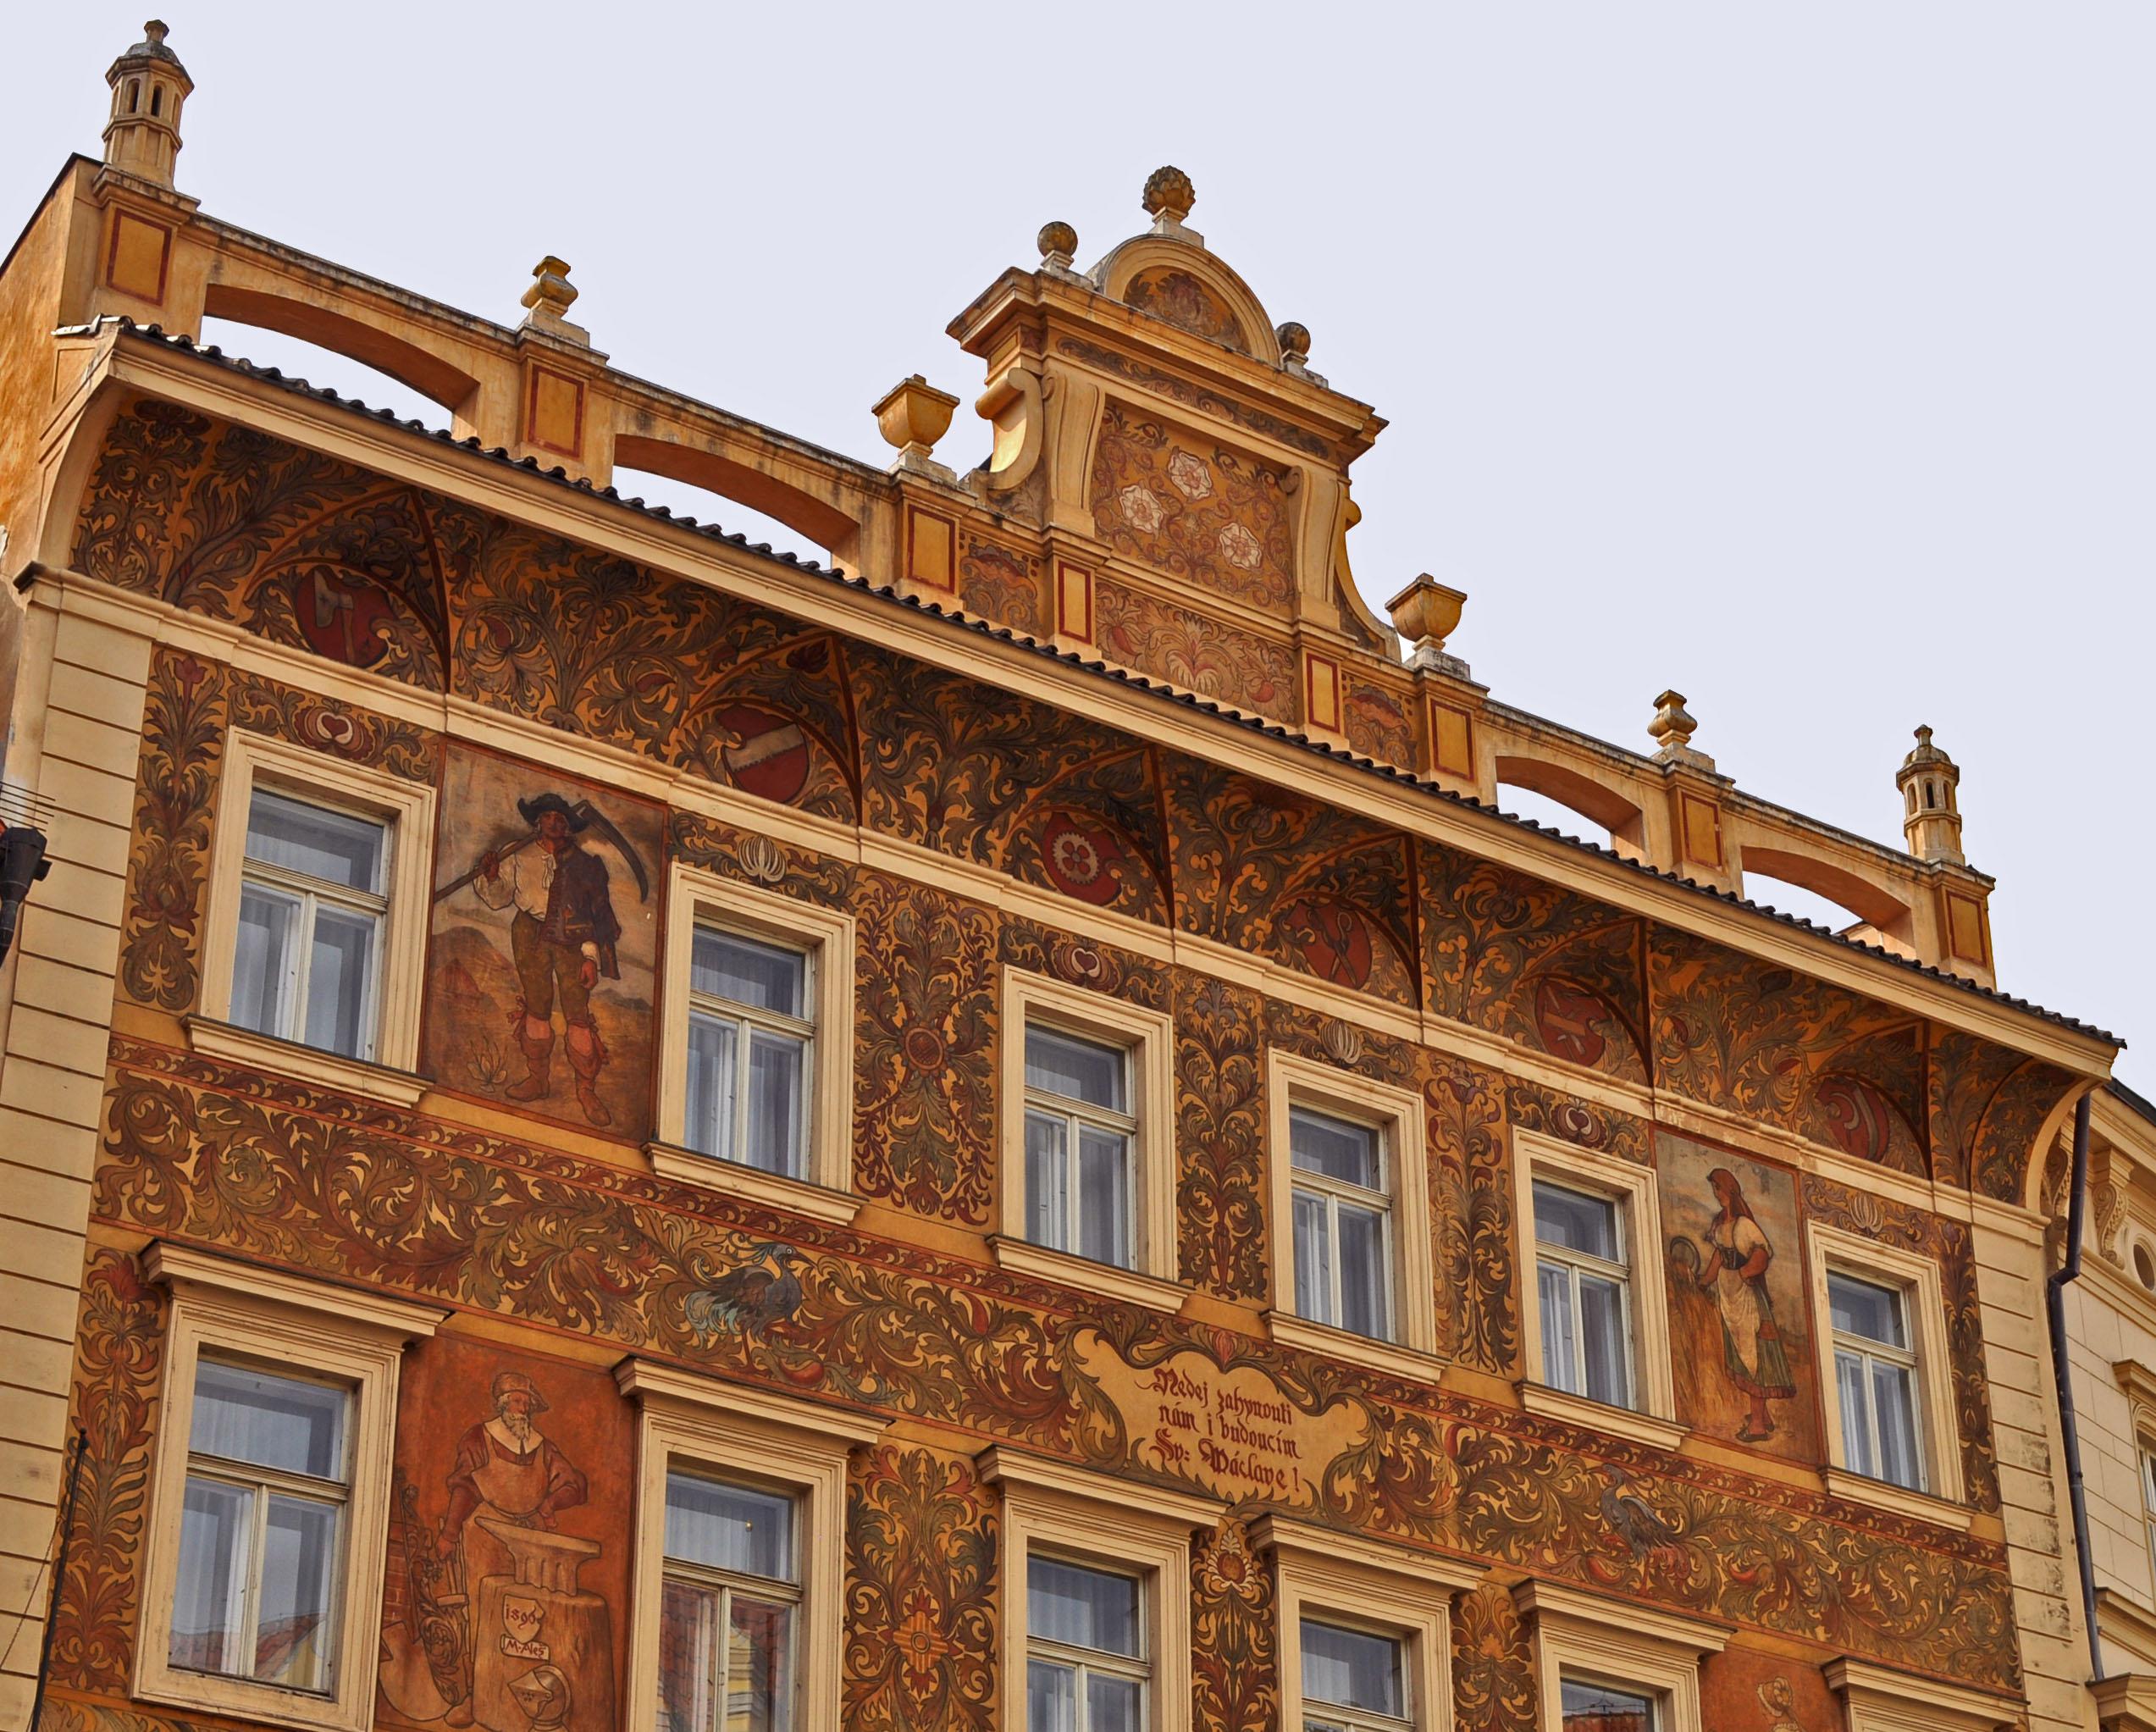 praga-another-facade